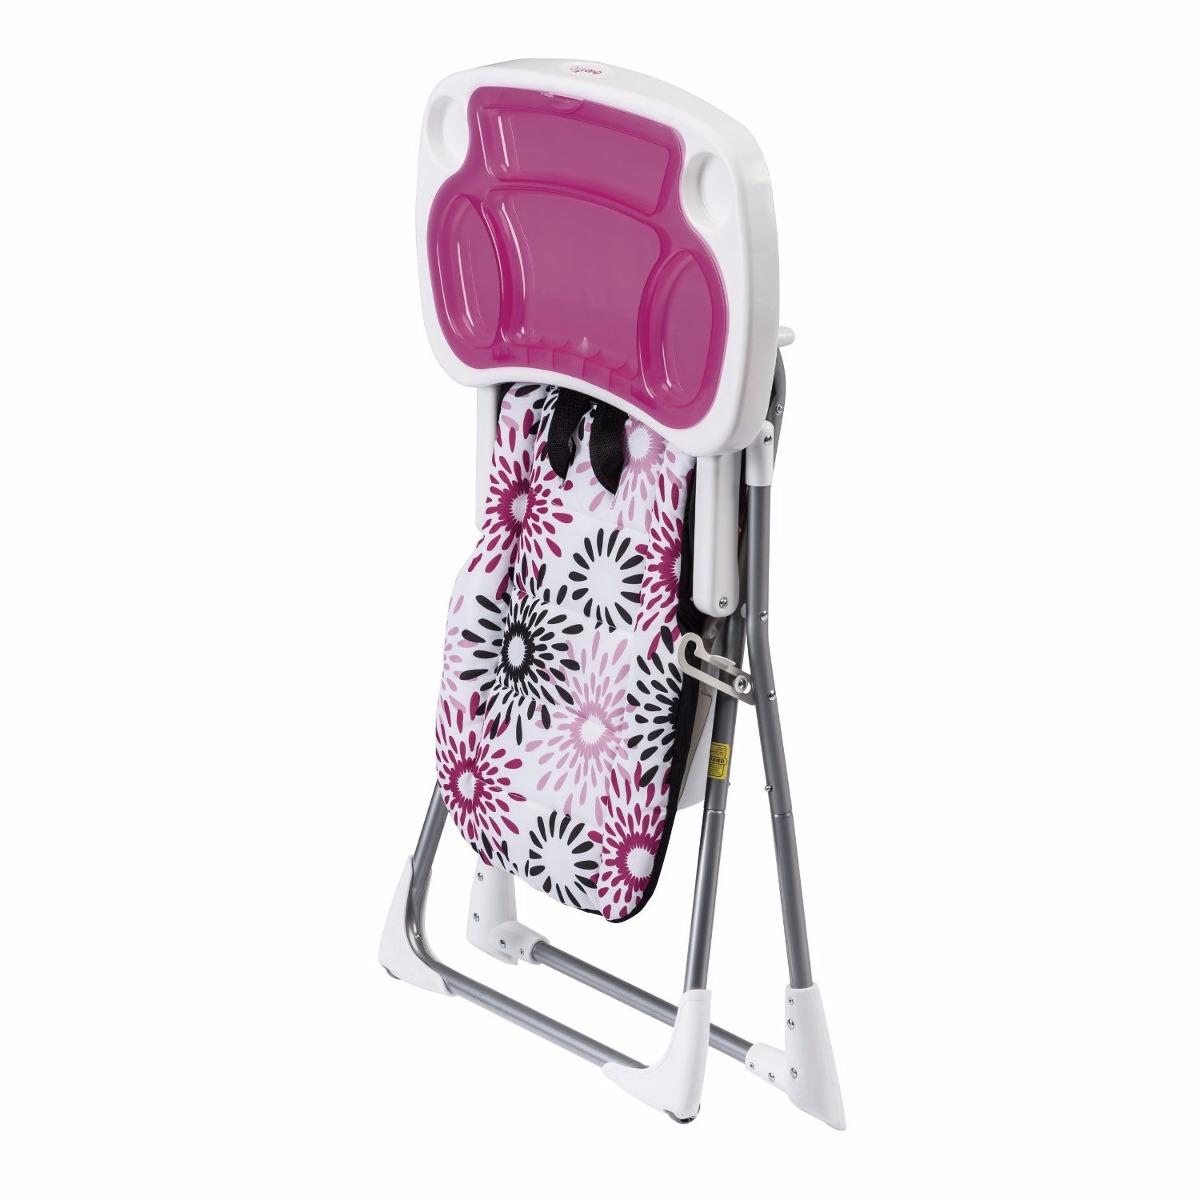 evenflo compact high chair modern outdoor dining pin silla alta para bebe tipo periquera on pinterest